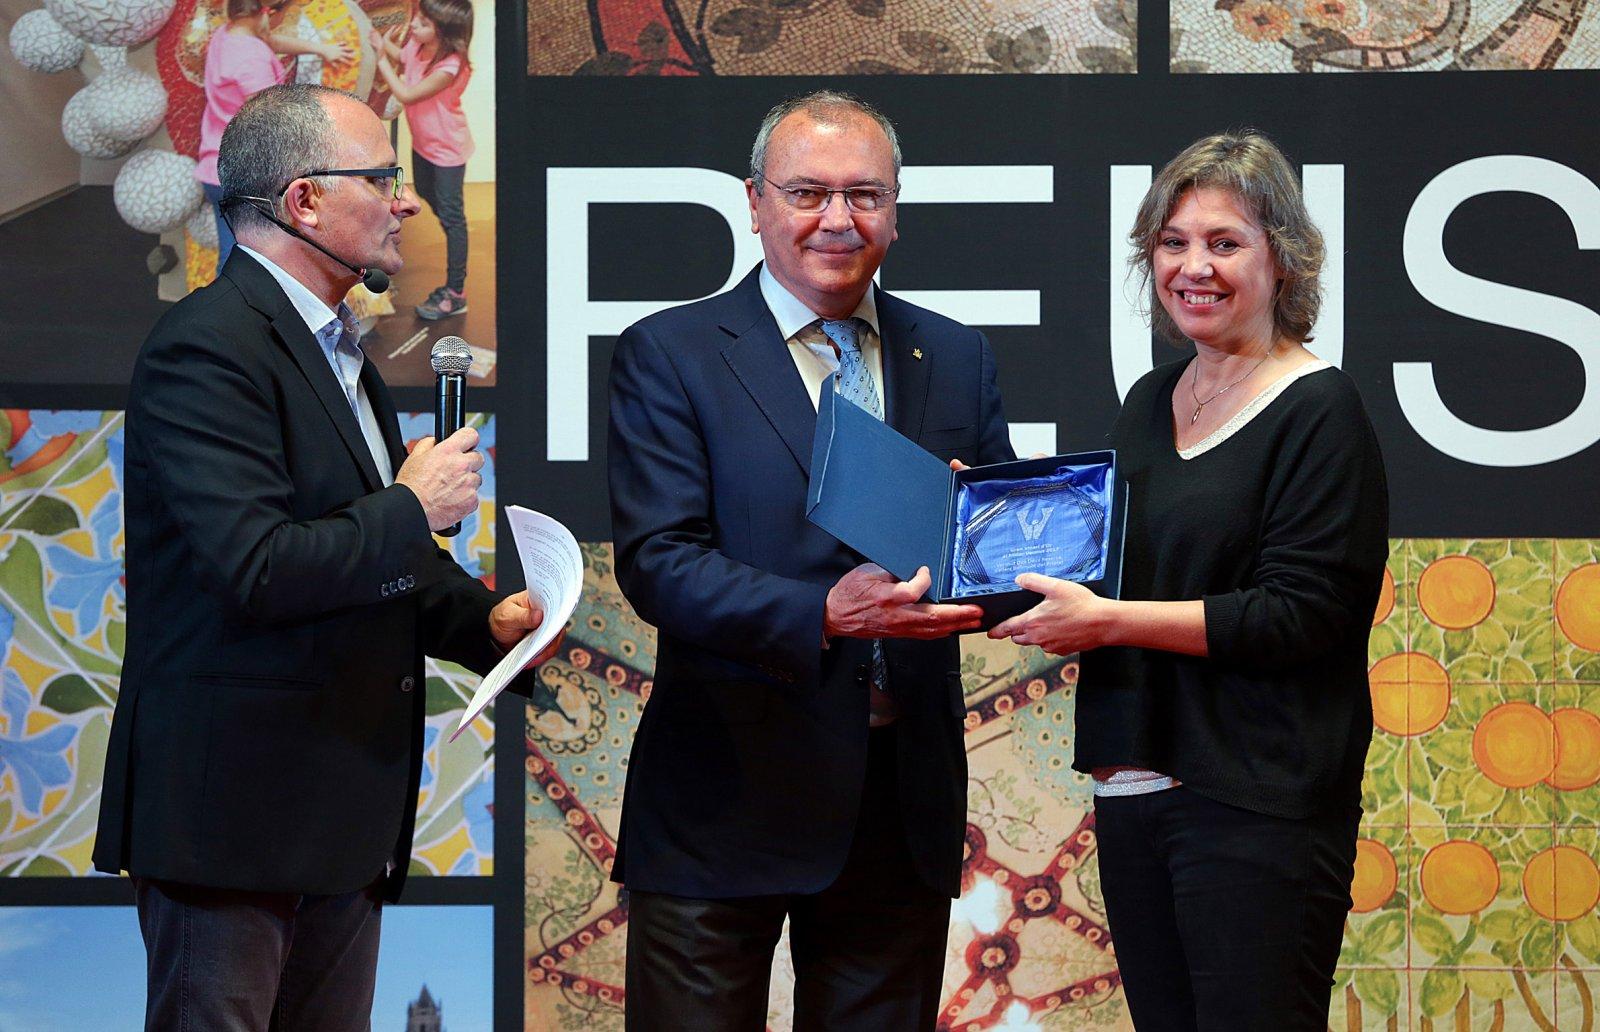 El Gran Vinari d'Or al Millor Vermut 2017 és per Vermouth Dos Deus Reserva del Cellers Bellmunt del Priorat